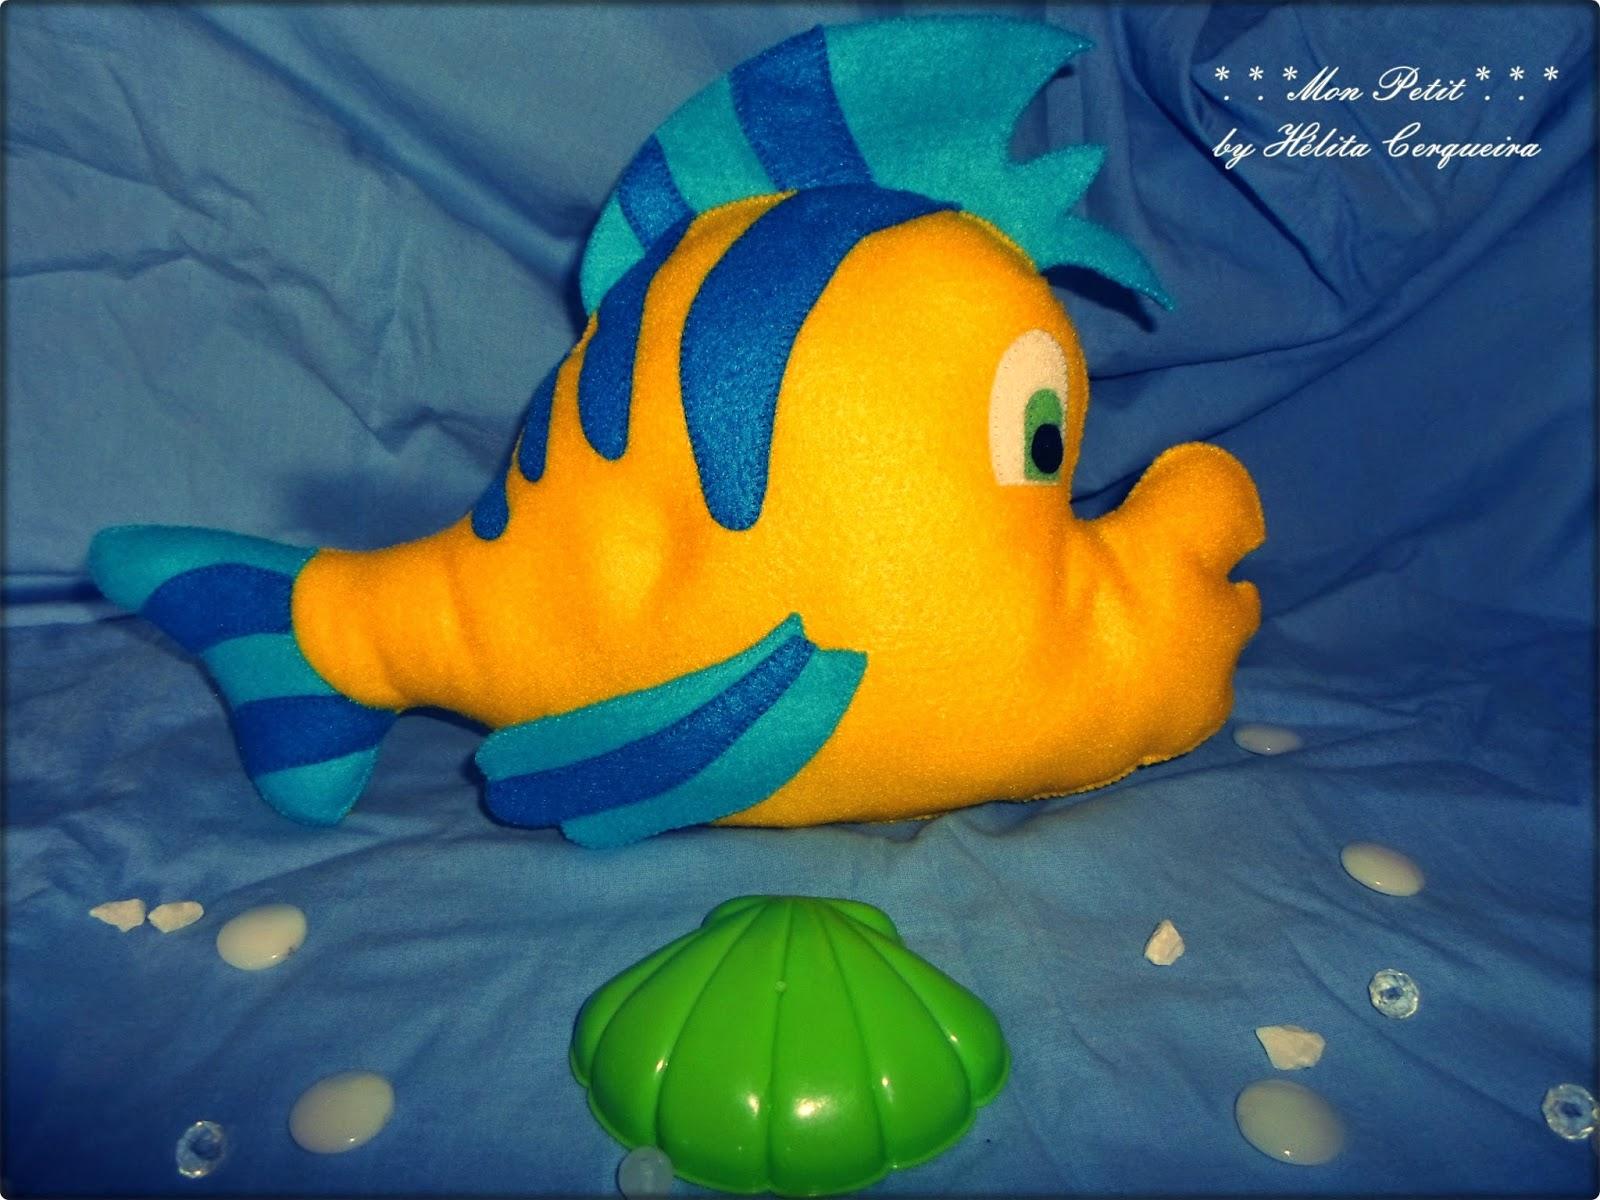 fundo do mar-decoração-aniversário-feltro-pequena sereia- linguado